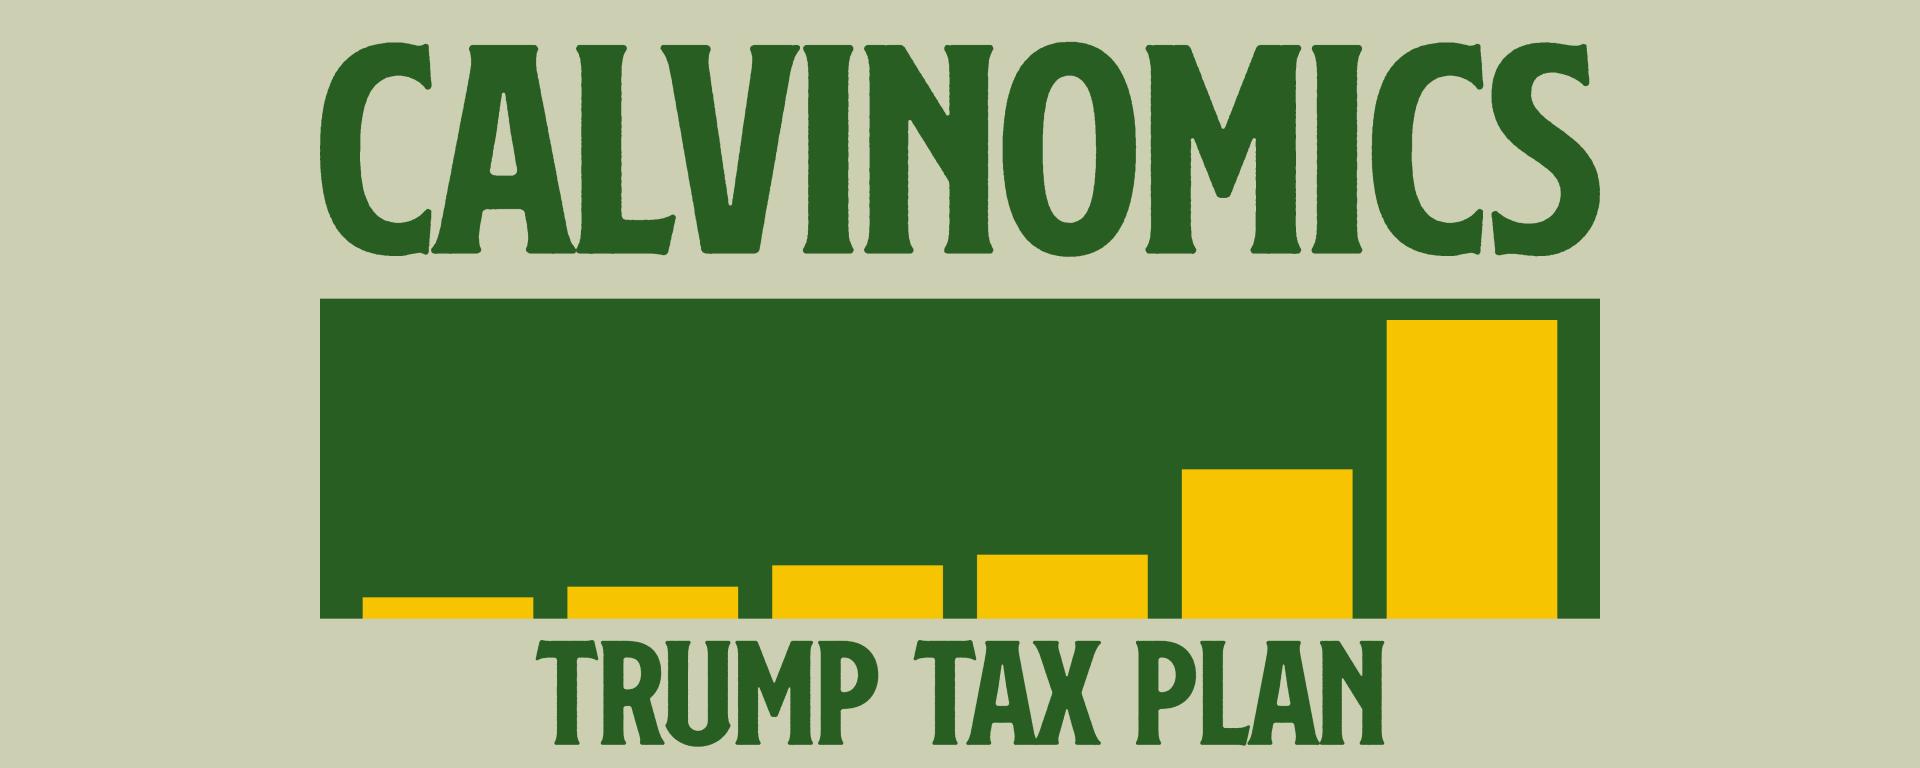 Calvinomics written in green with a graph